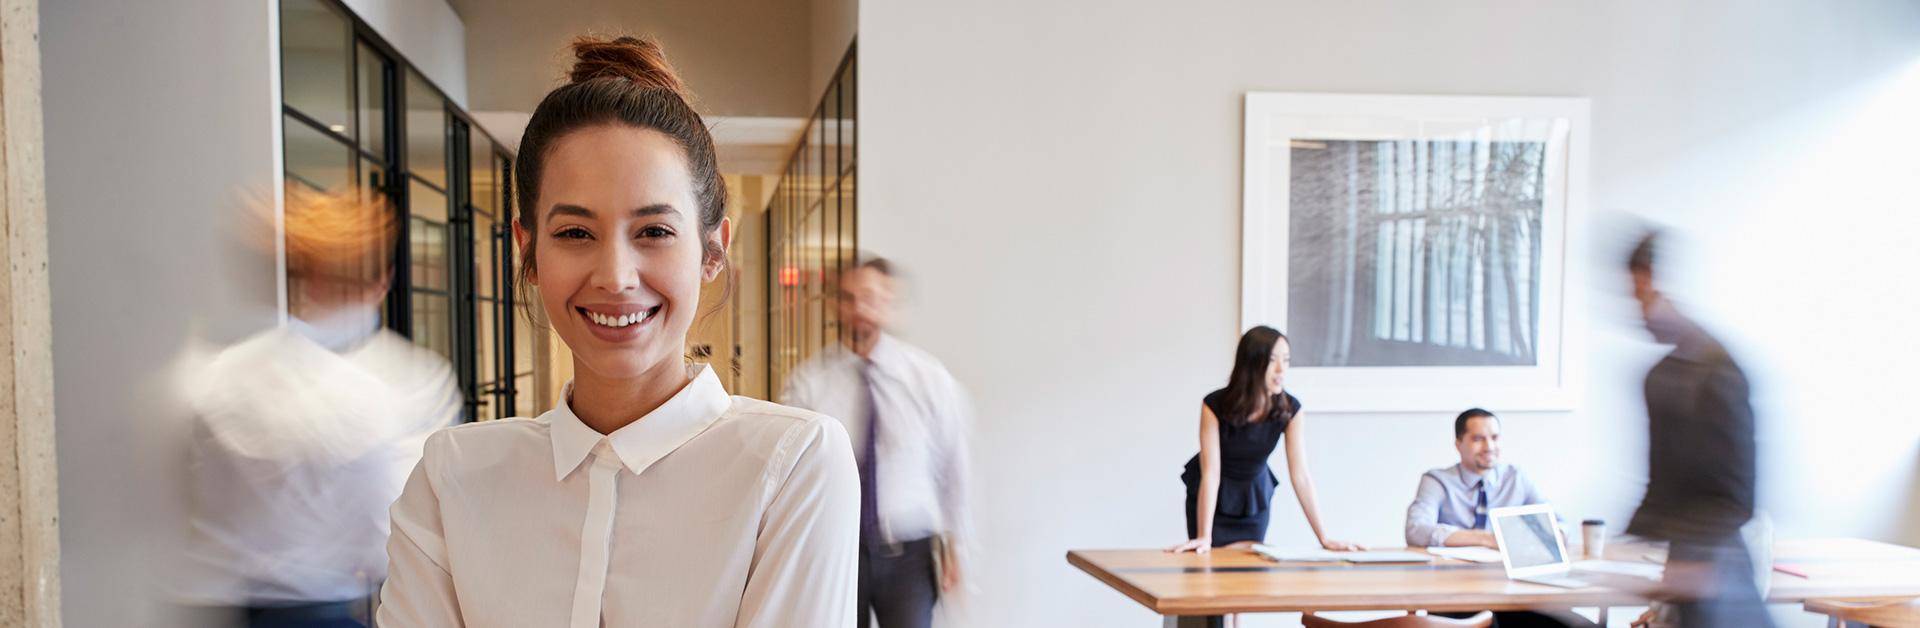 Foto de uma mulher no escritório